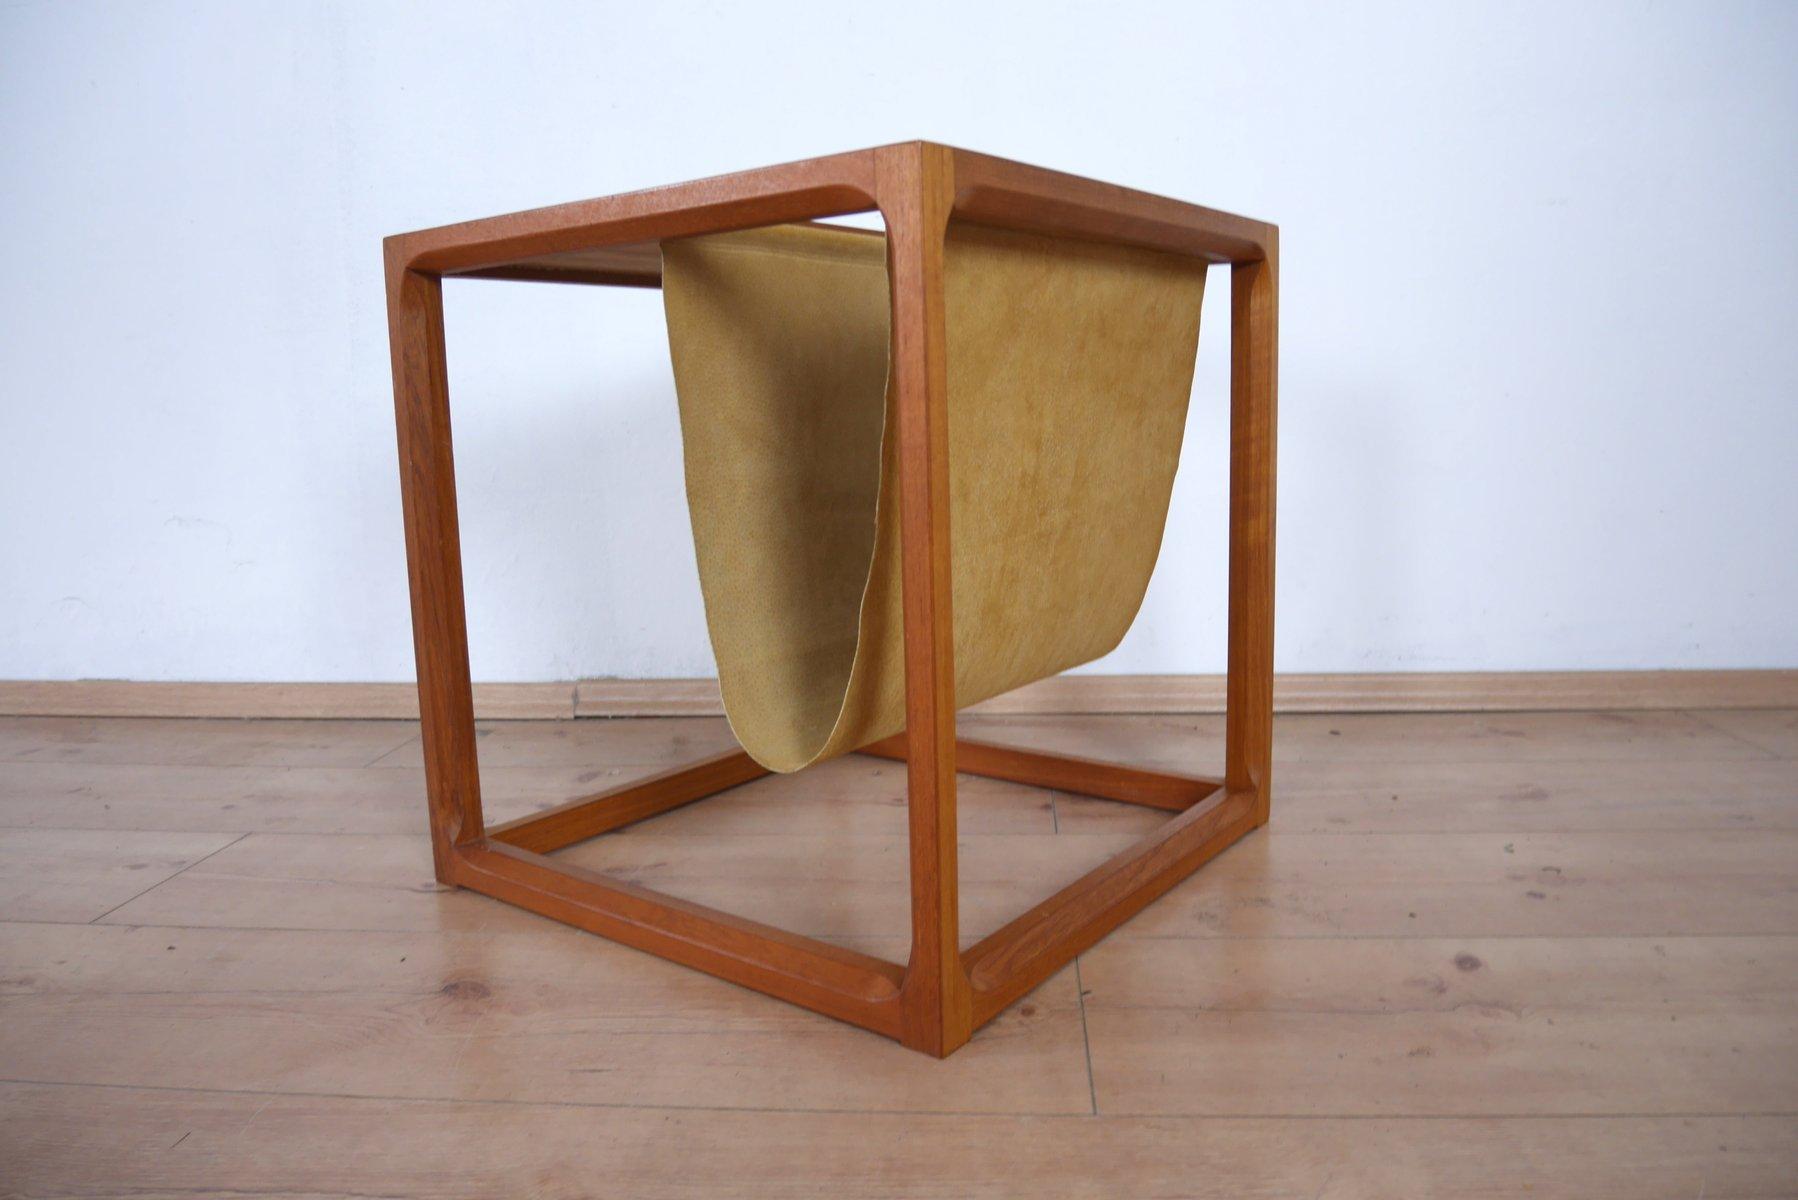 mid century teak beistelltisch mit zeitungsst nder von aksel kjersgaard bei pamono kaufen. Black Bedroom Furniture Sets. Home Design Ideas